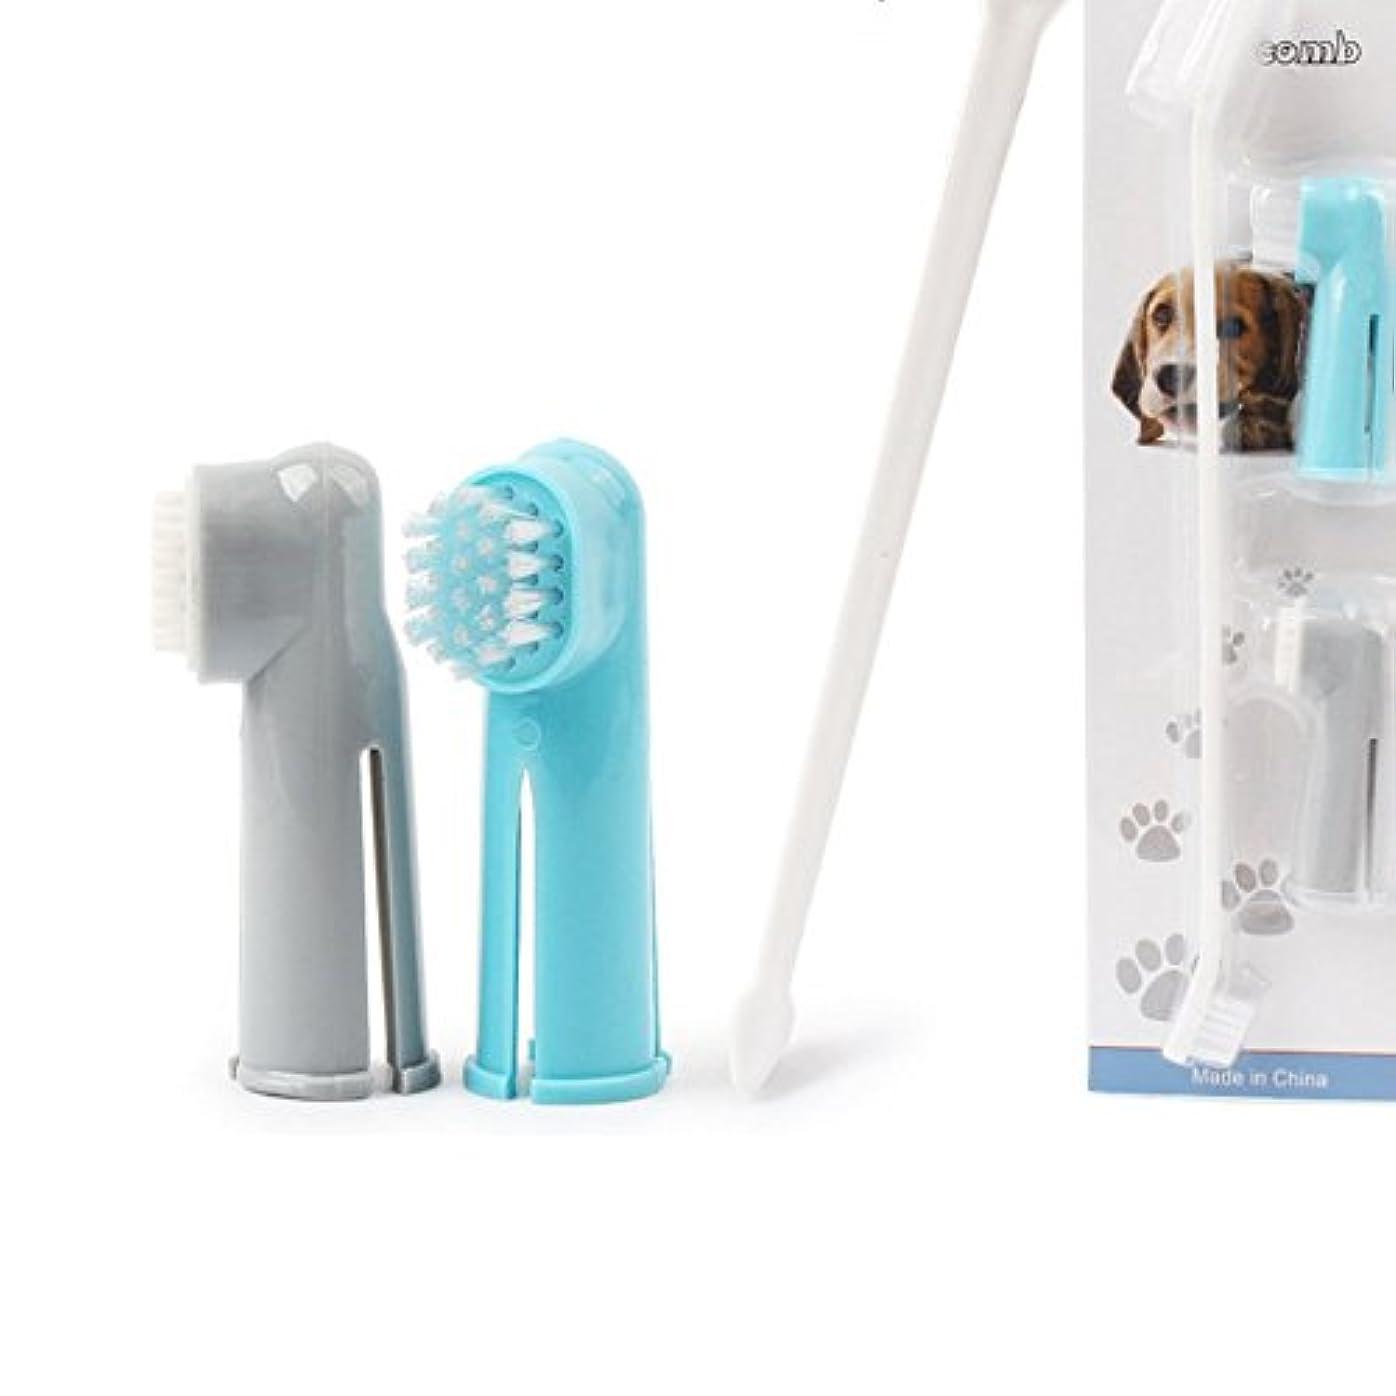 メンタリティ一族あなたのものBartram 指歯 ブラシ 犬猫用歯ブラシ 歯磨き フィンガータイプ ソフト フィンガータイプ デンタルケア 3ピースセット